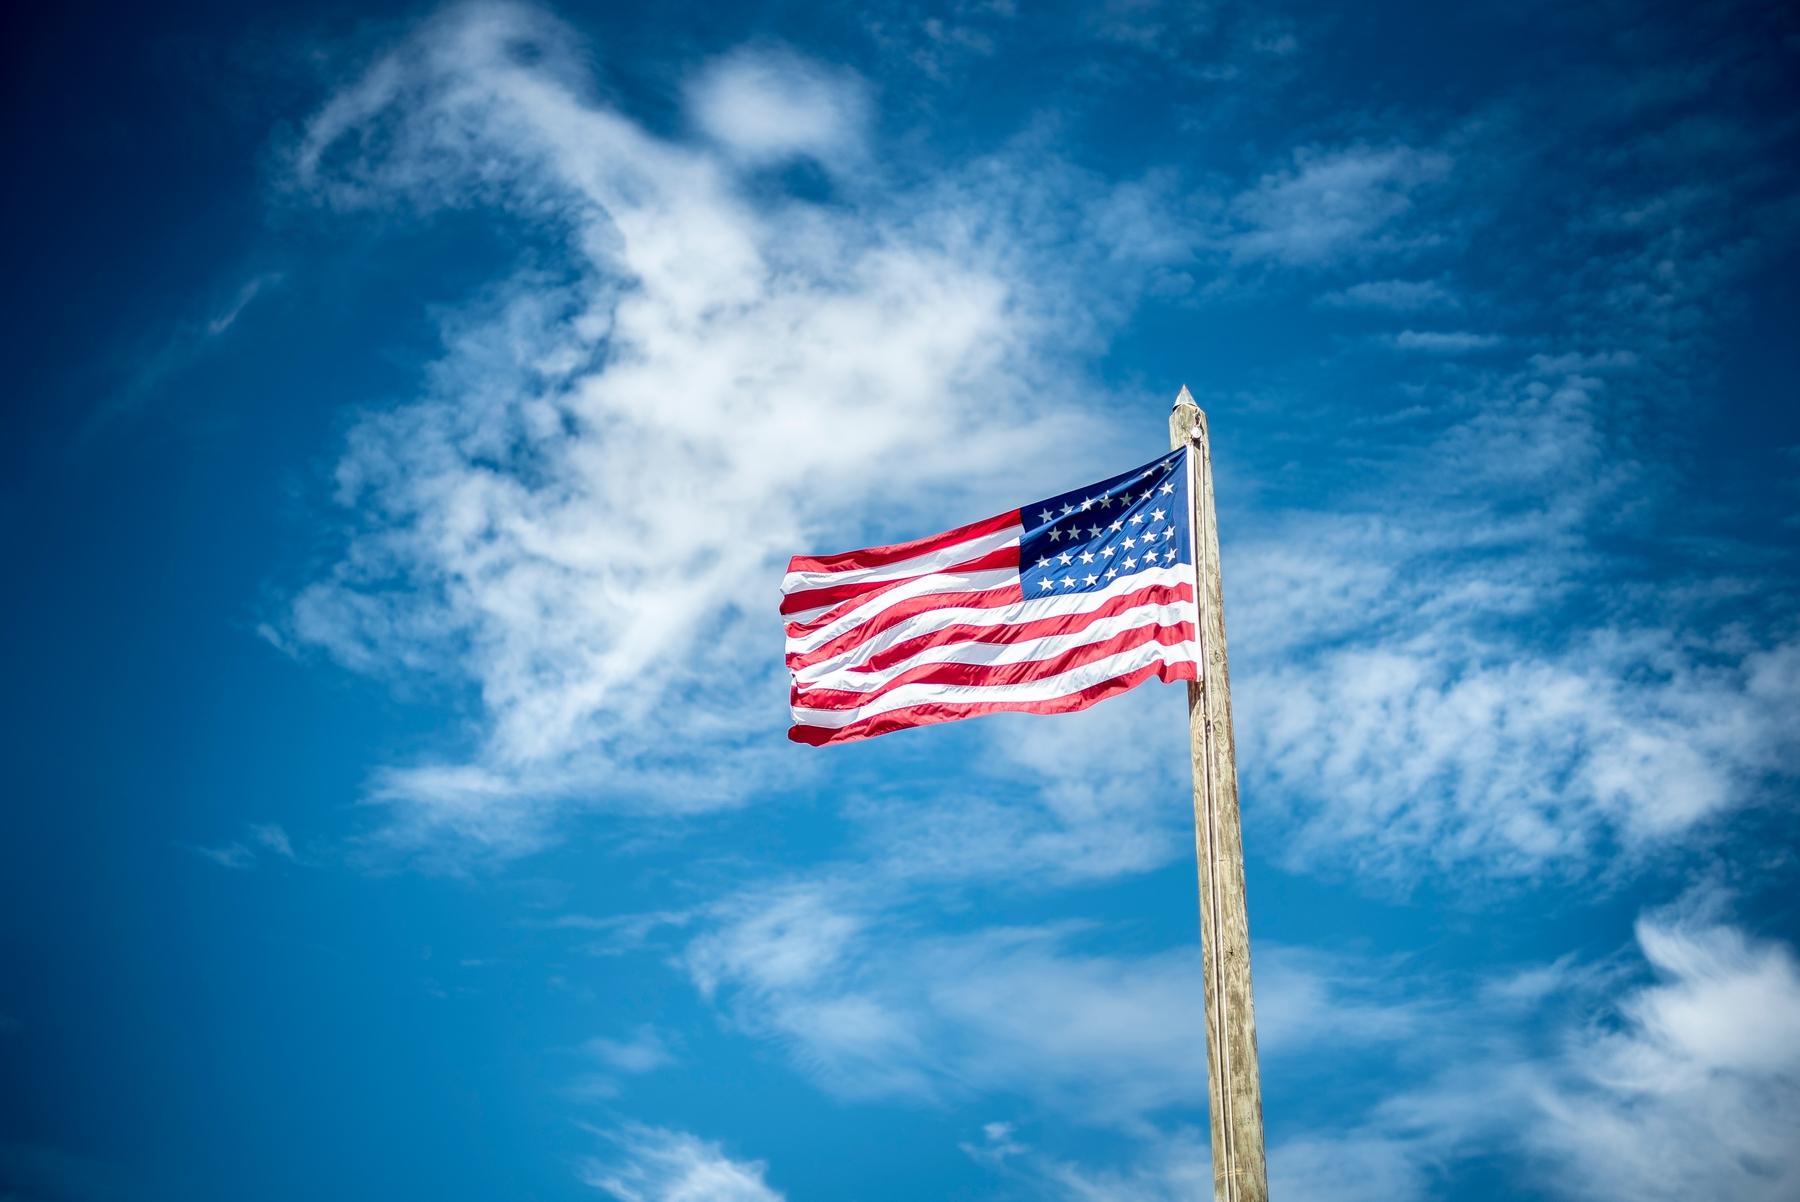 Spannende Reisefakten: Wusstet ihr, dass es bislang 27 Versionen der US-amerikanischen Flagge gibt? Die aktuelle hat 50 Sterne, die die 50 Staaten der USA repräsentieren, sowie 13 Streifen, die für die ursprünglichen 13 Kolonien bzw. Gründungsstaaten stehen.